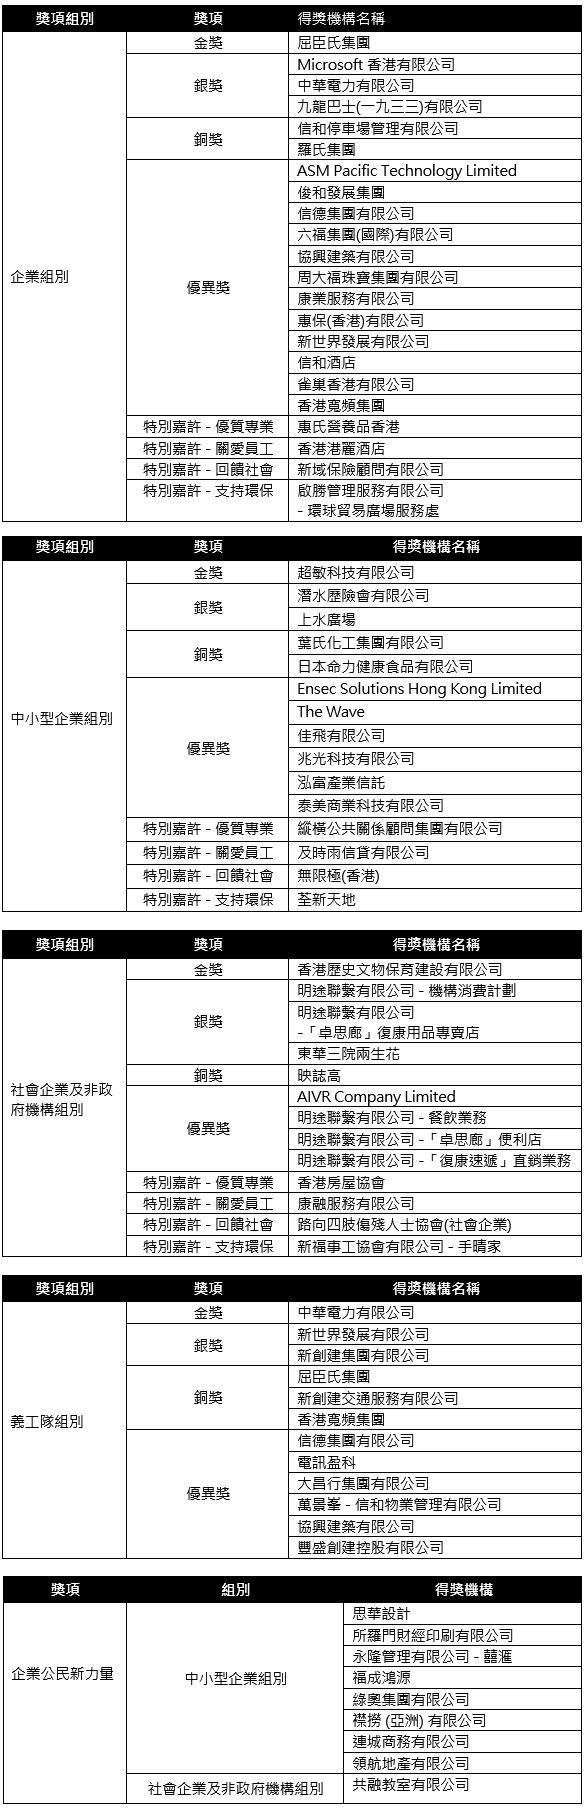 附表:第十屆香港傑出企業公民獎各組別得獎名單